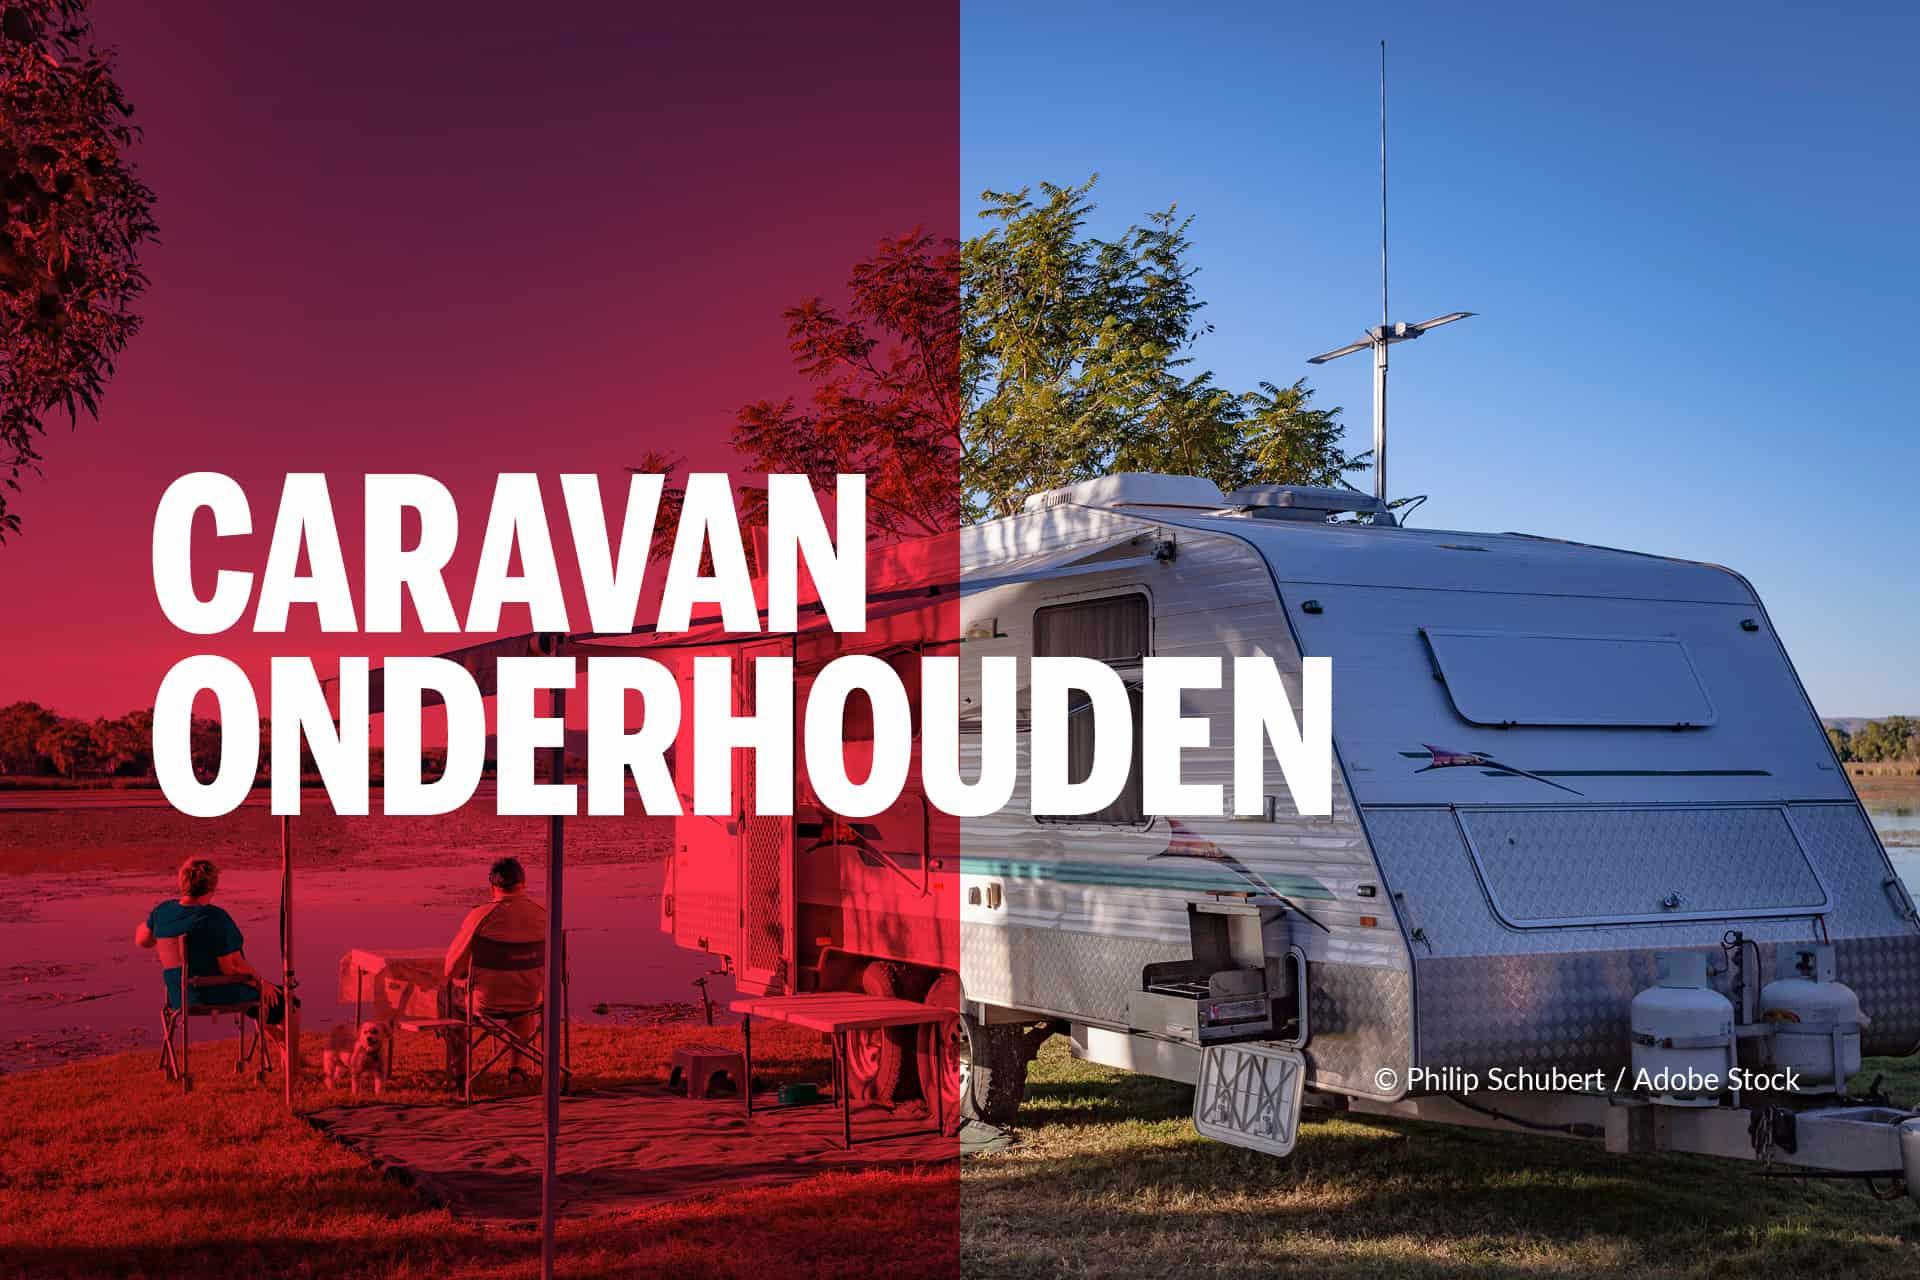 Caravan onderhouden